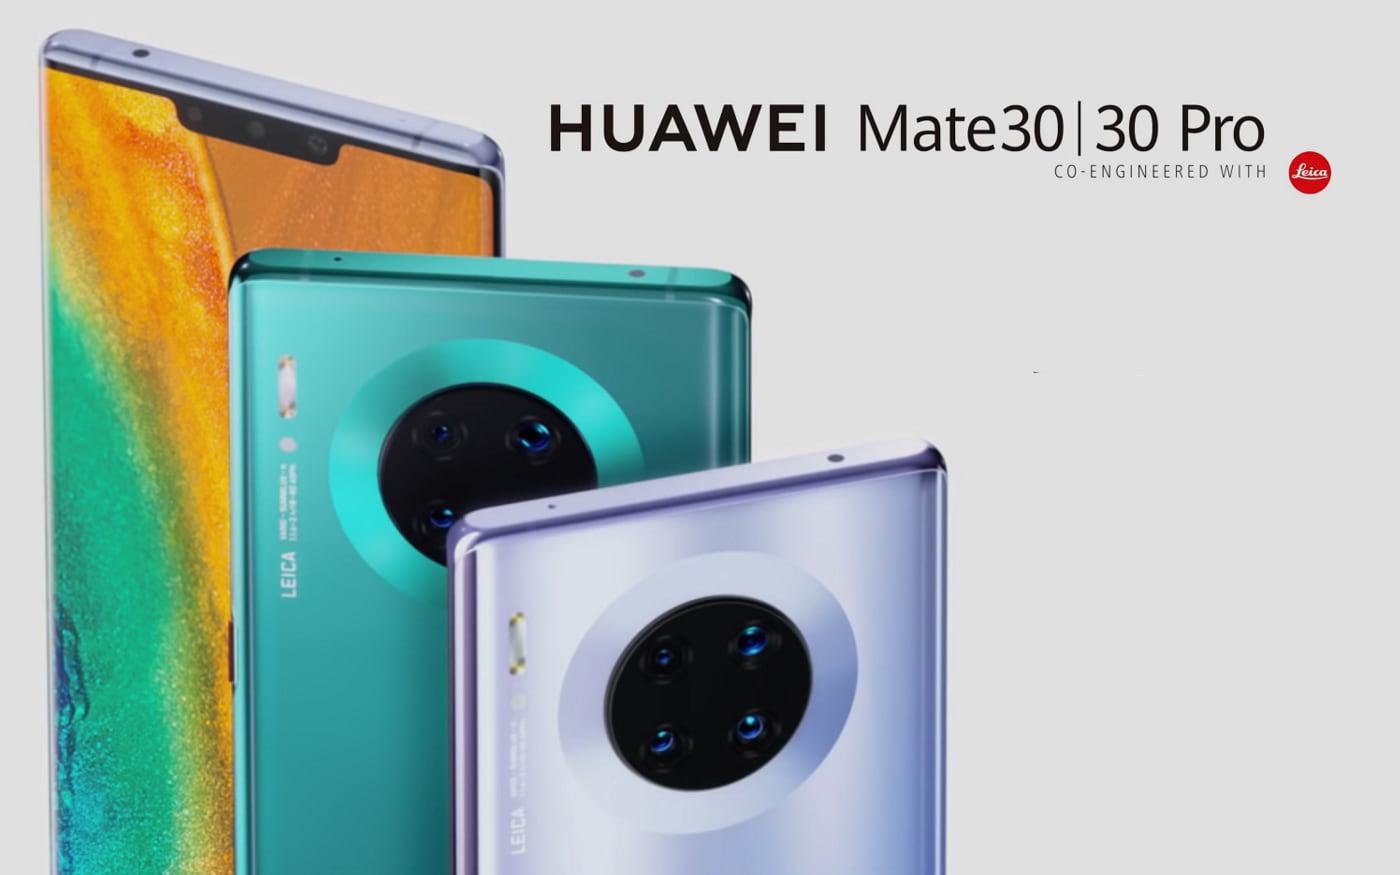 Vídeos promocionais do Huawei Mate 30 destacam design, câmeras e carregamento rápido